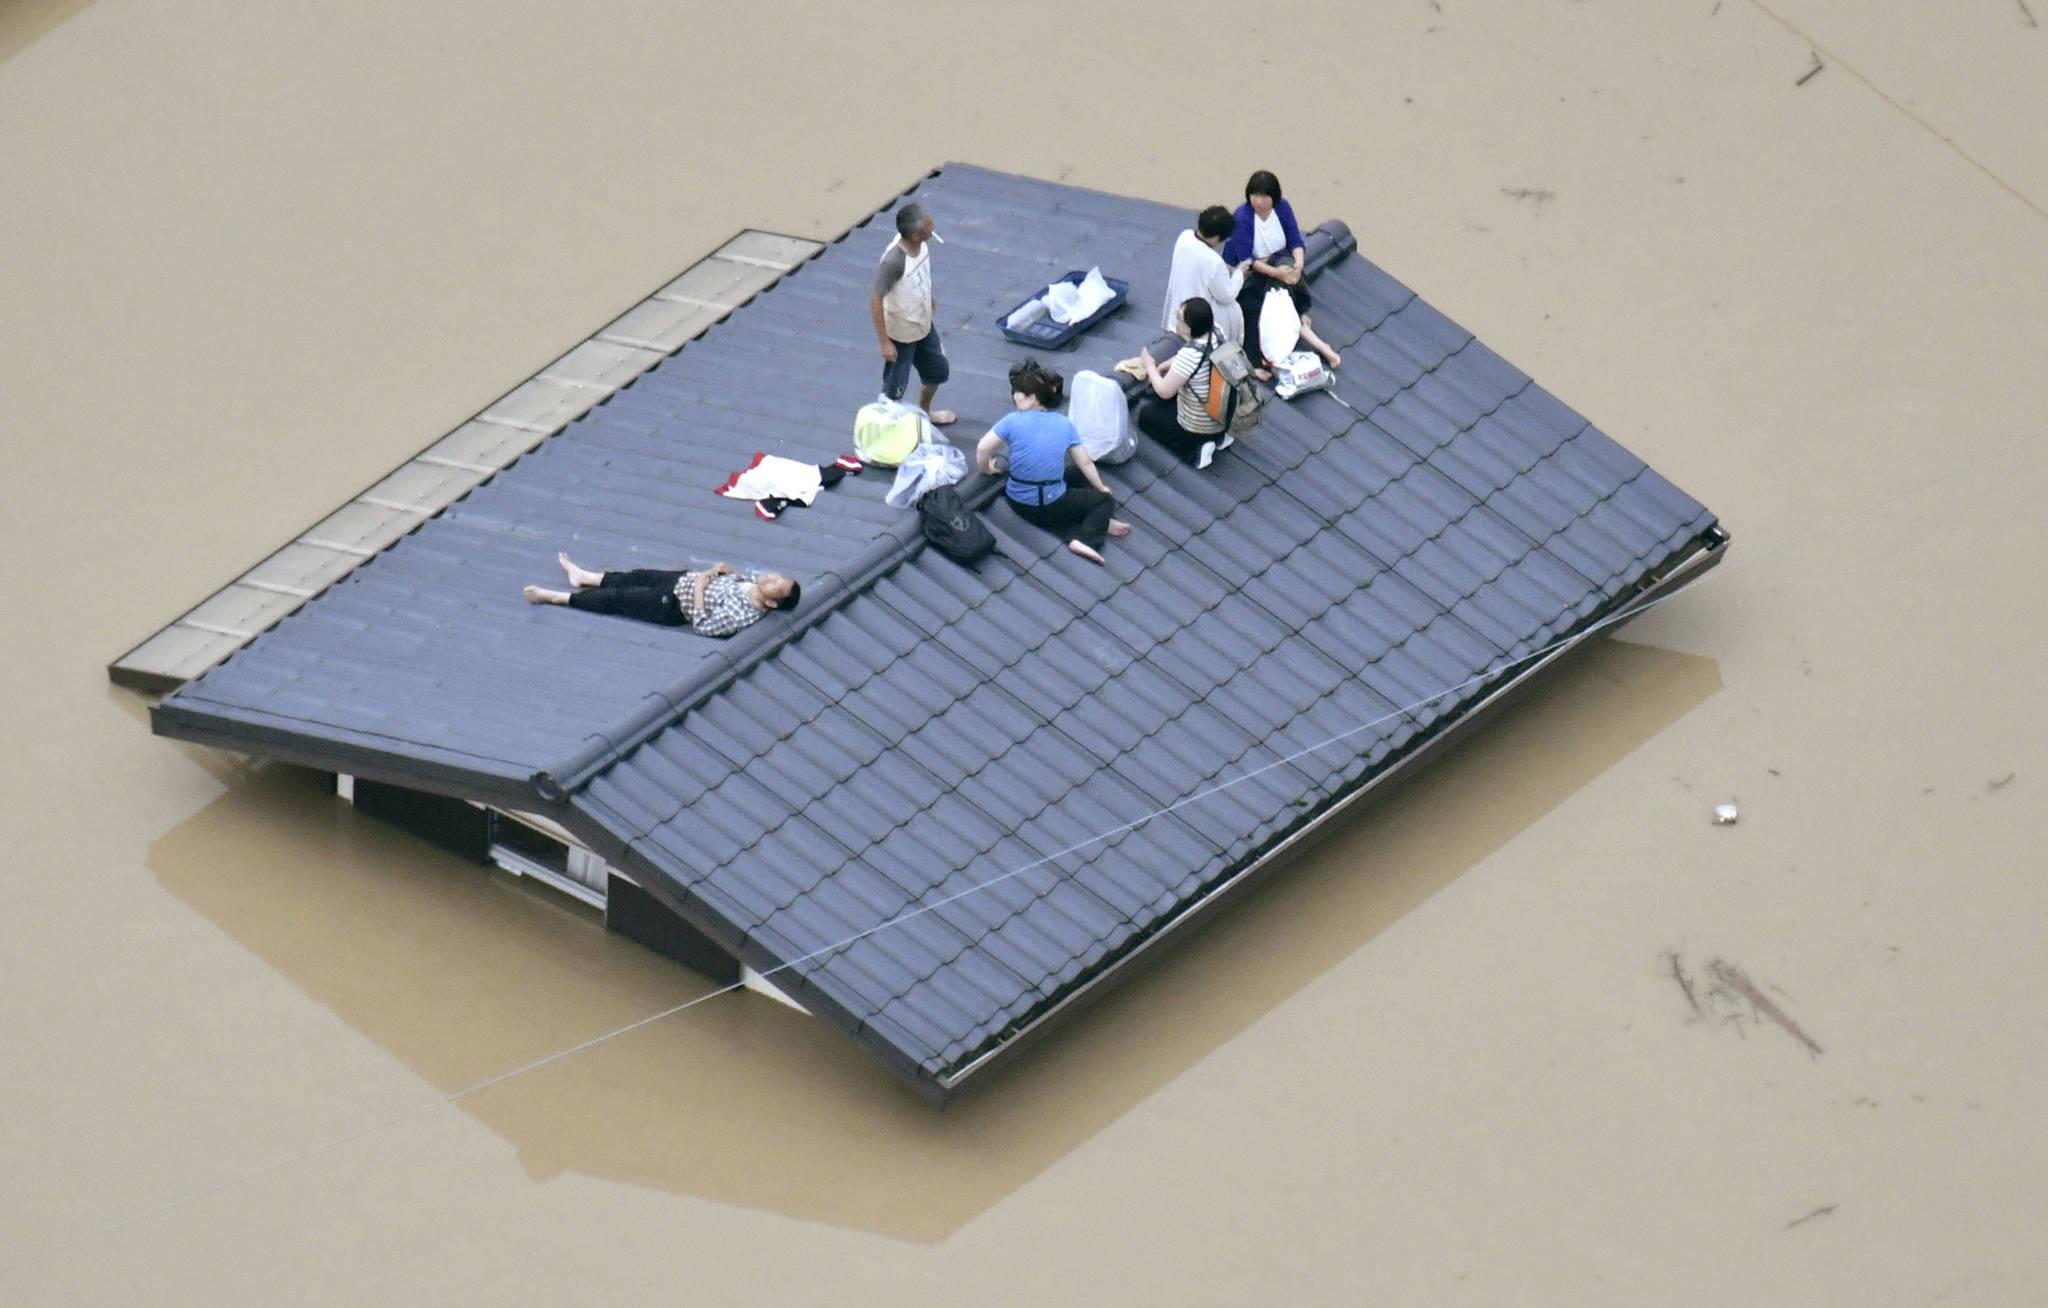 7일 일본 중부와 서남부 지역을 중심으로 기록적인 폭우가 쏟아졌다. 주민들이 건물 지붕으로 올라가 대피하고 있다. [REUTERS=연합뉴스]